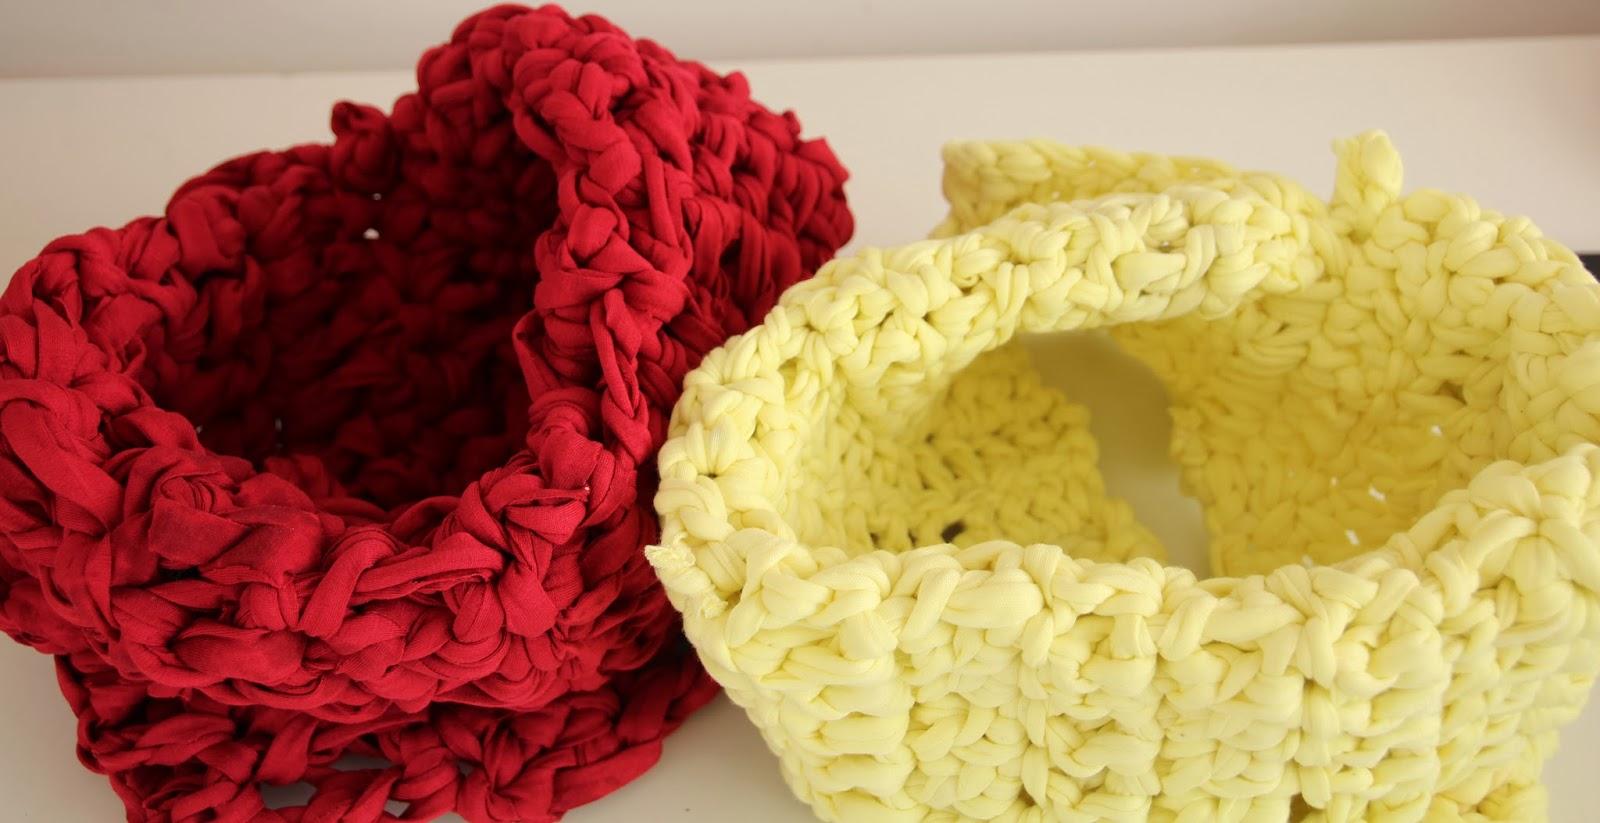 bufandas de trapillo roja y amarilla